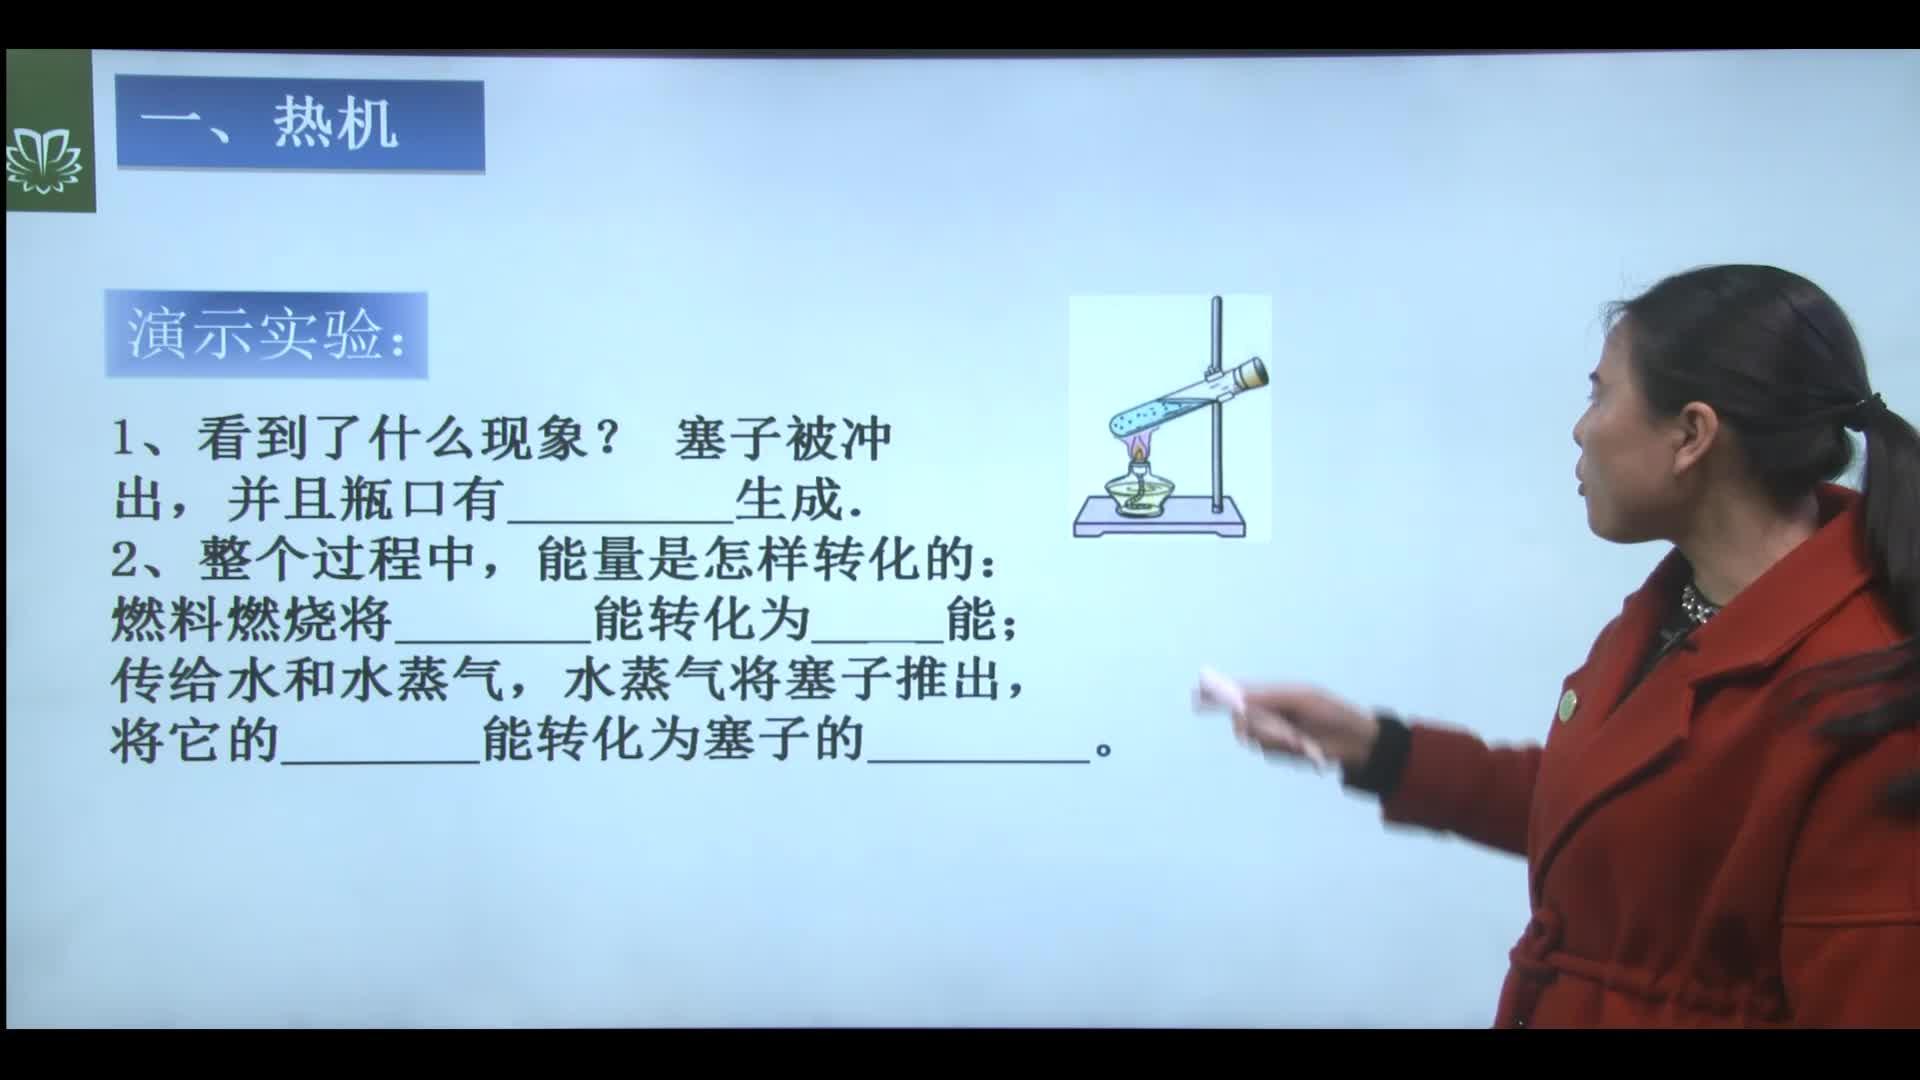 視頻14.1.1 熱機-【慕聯】初中完全同步系列人教版物理九年級全冊